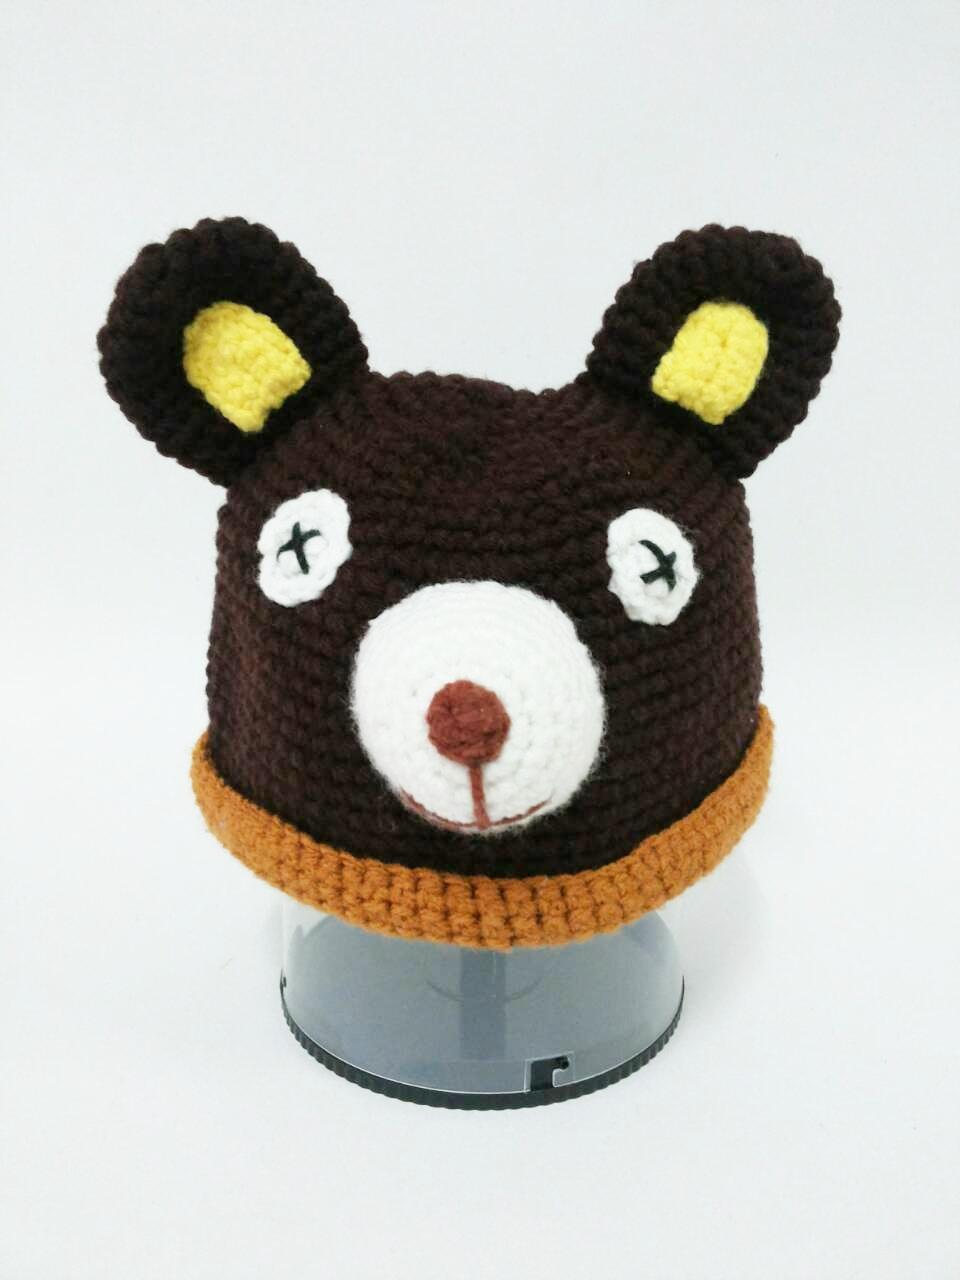 หมวกถักไหมพรม รูปสัตว์น่ารัก ราคาถูก-หมีน้อย